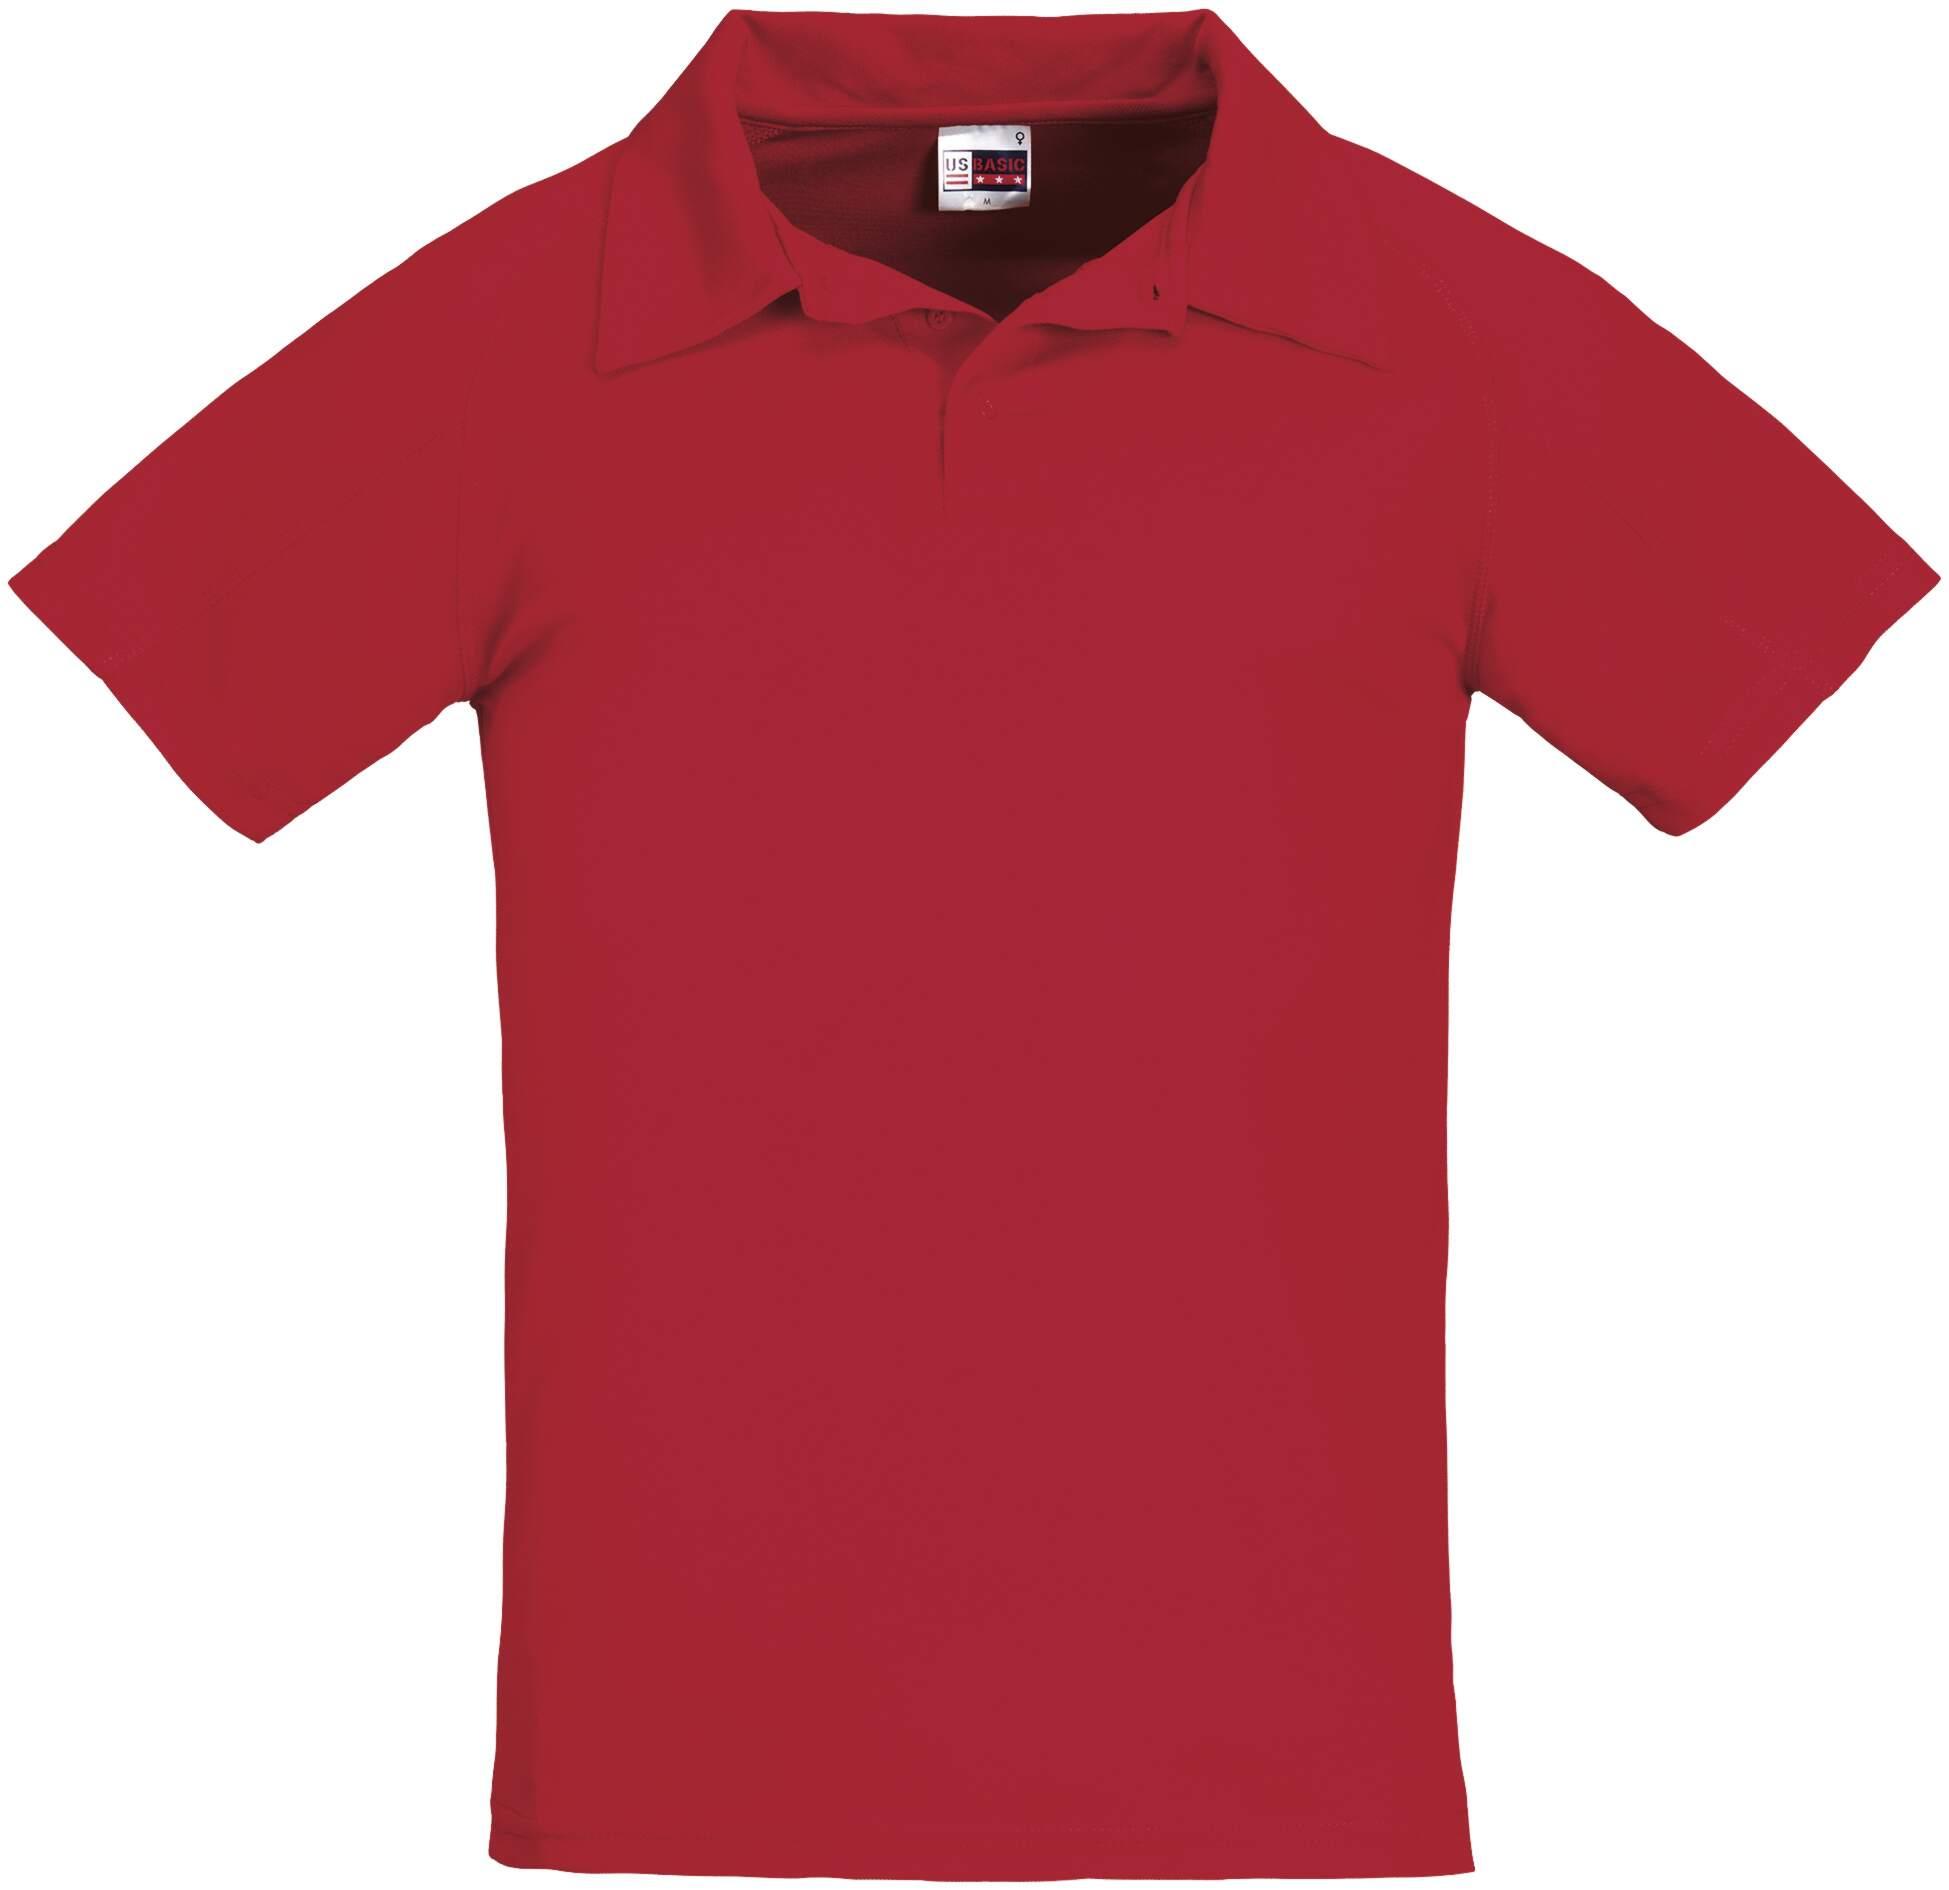 Koszulku Polo US 31098 Cool Fit - 31098_czerwony_US - Kolor: Czerwony